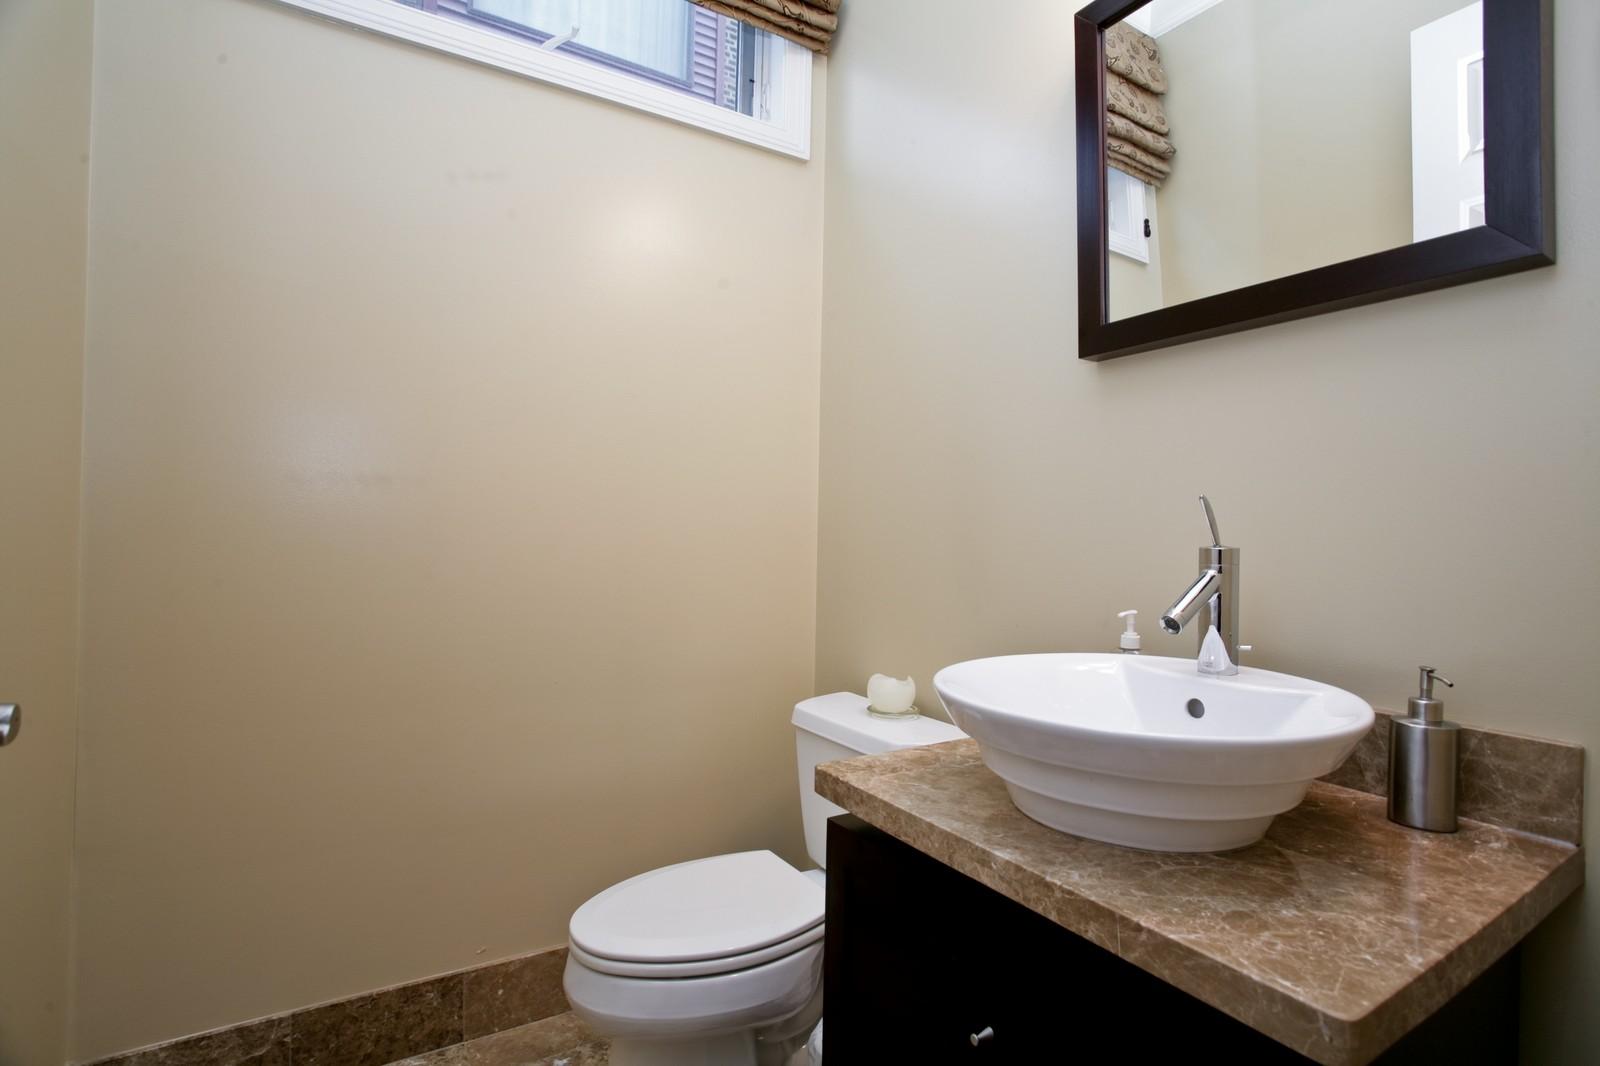 Real Estate Photography - 942 W Hubbard, Chicago, IL, 60622 - Half Bath